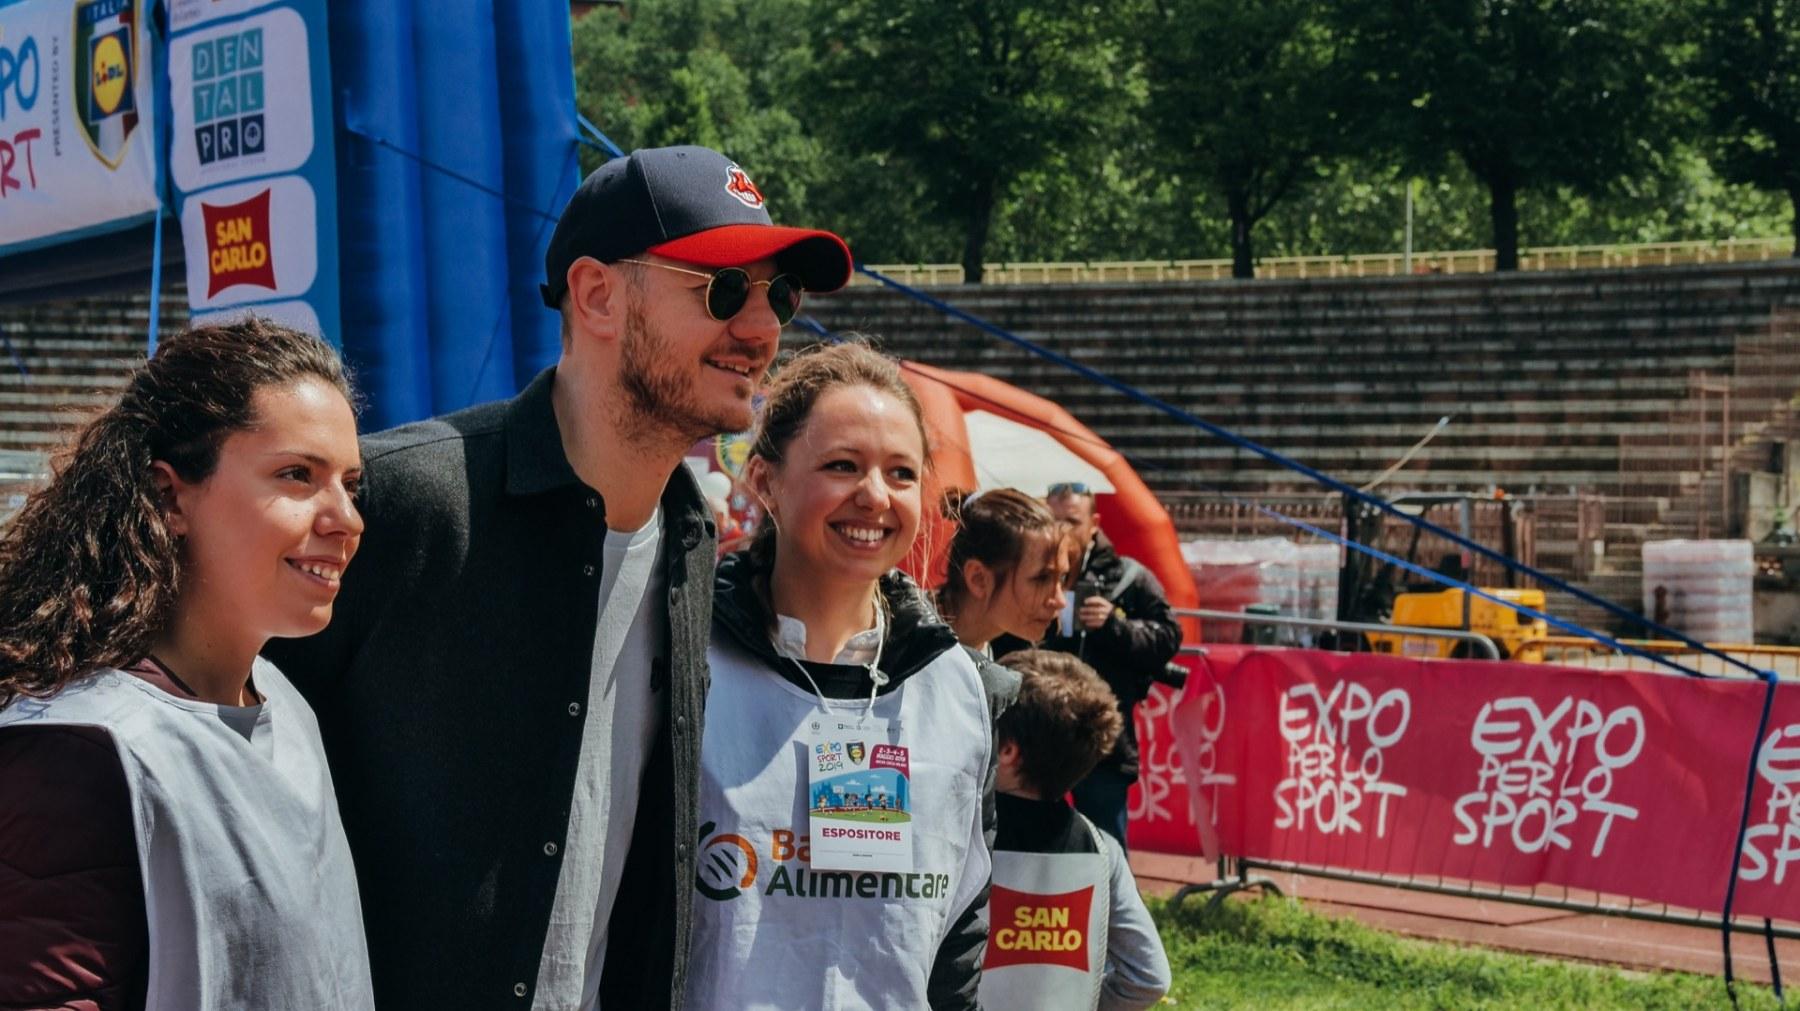 Expo-per-lo-sport-2019-1124